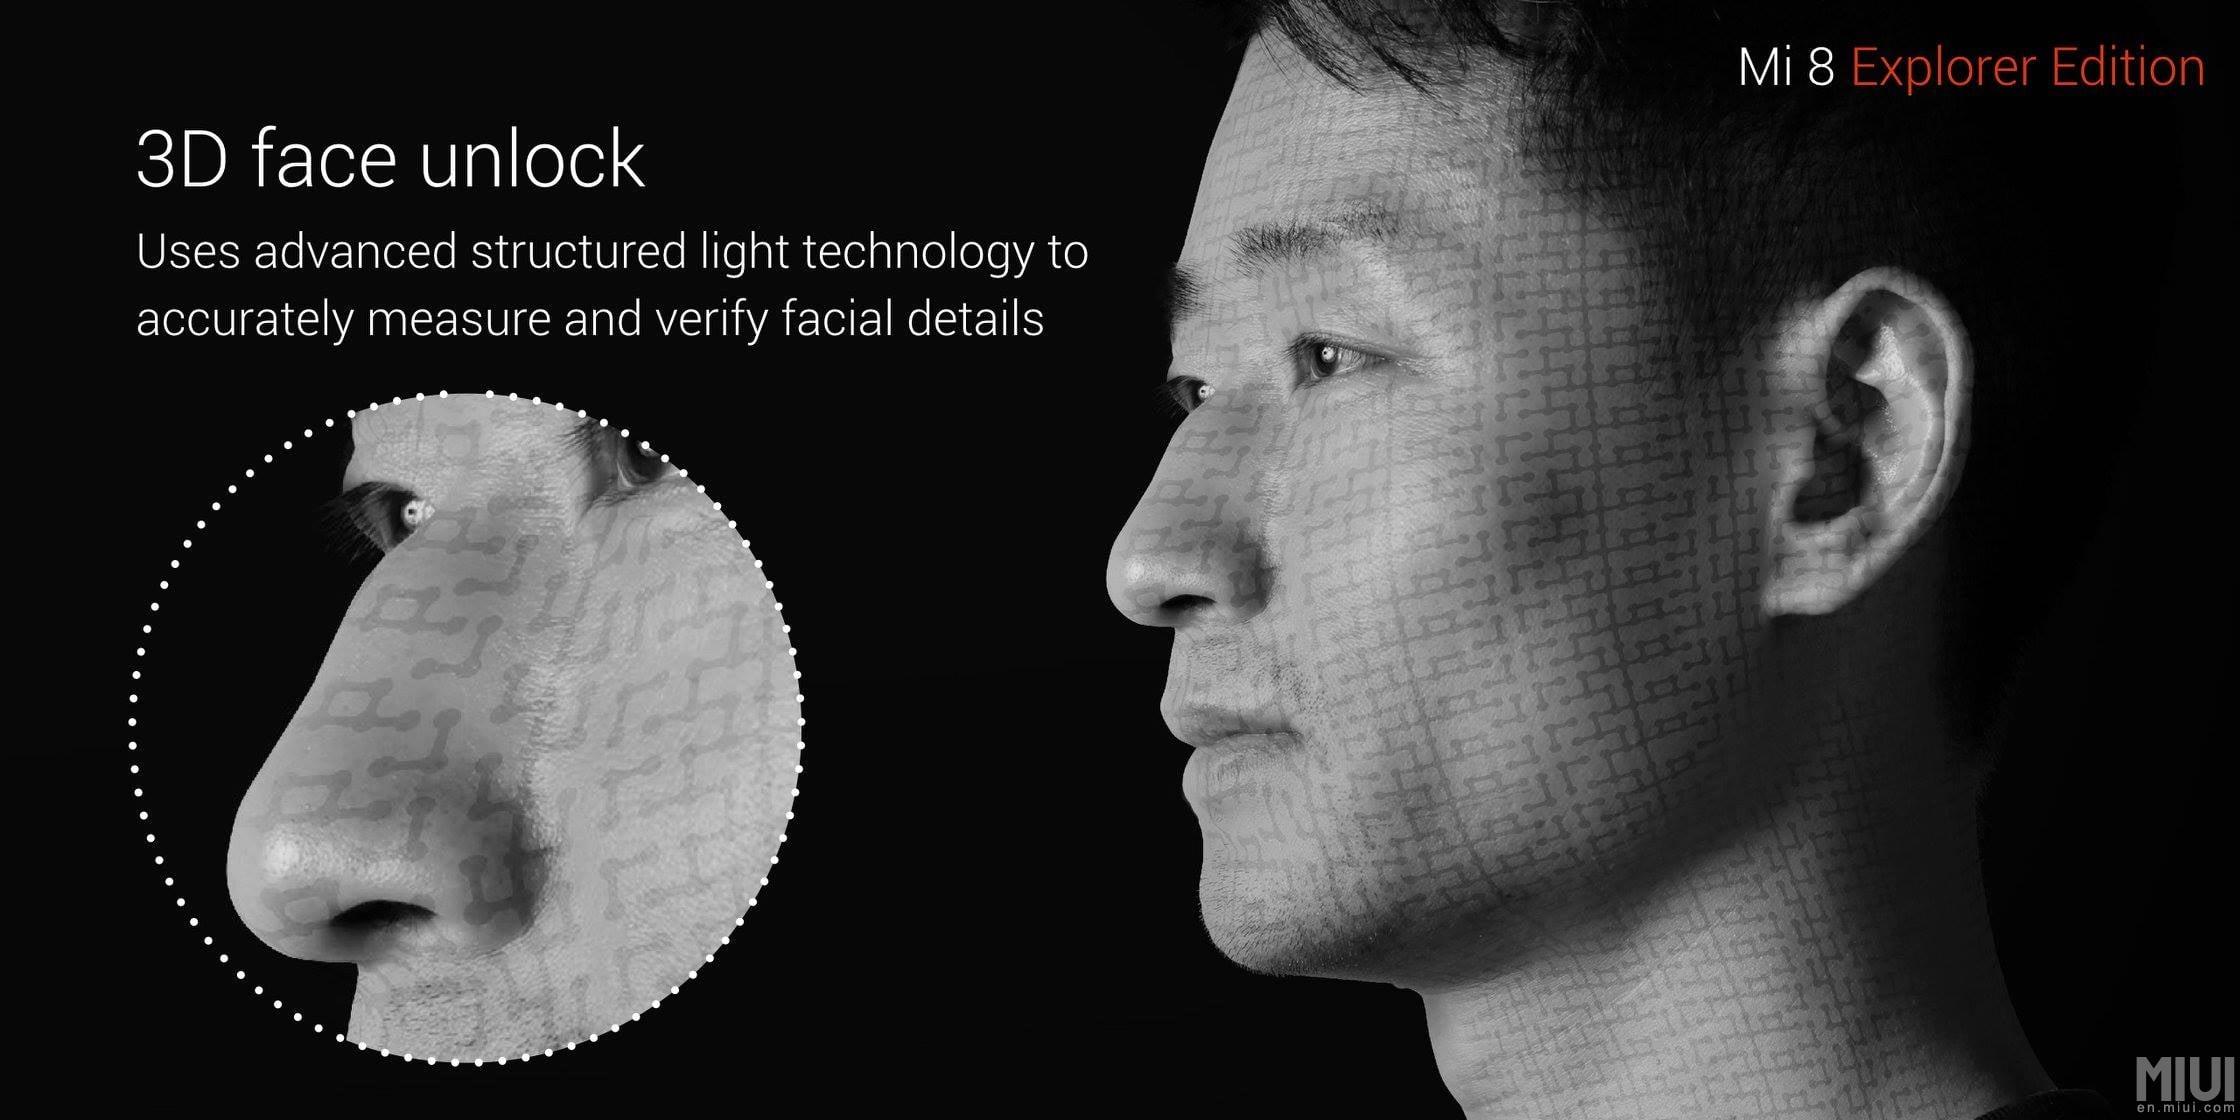 Tym Chińczycy chcą podbić świat: Xiaomi Mi 8 nowym flagowcem firmy, a Mi 8 Explore Edition - jego ultranowoczesną wersją 37